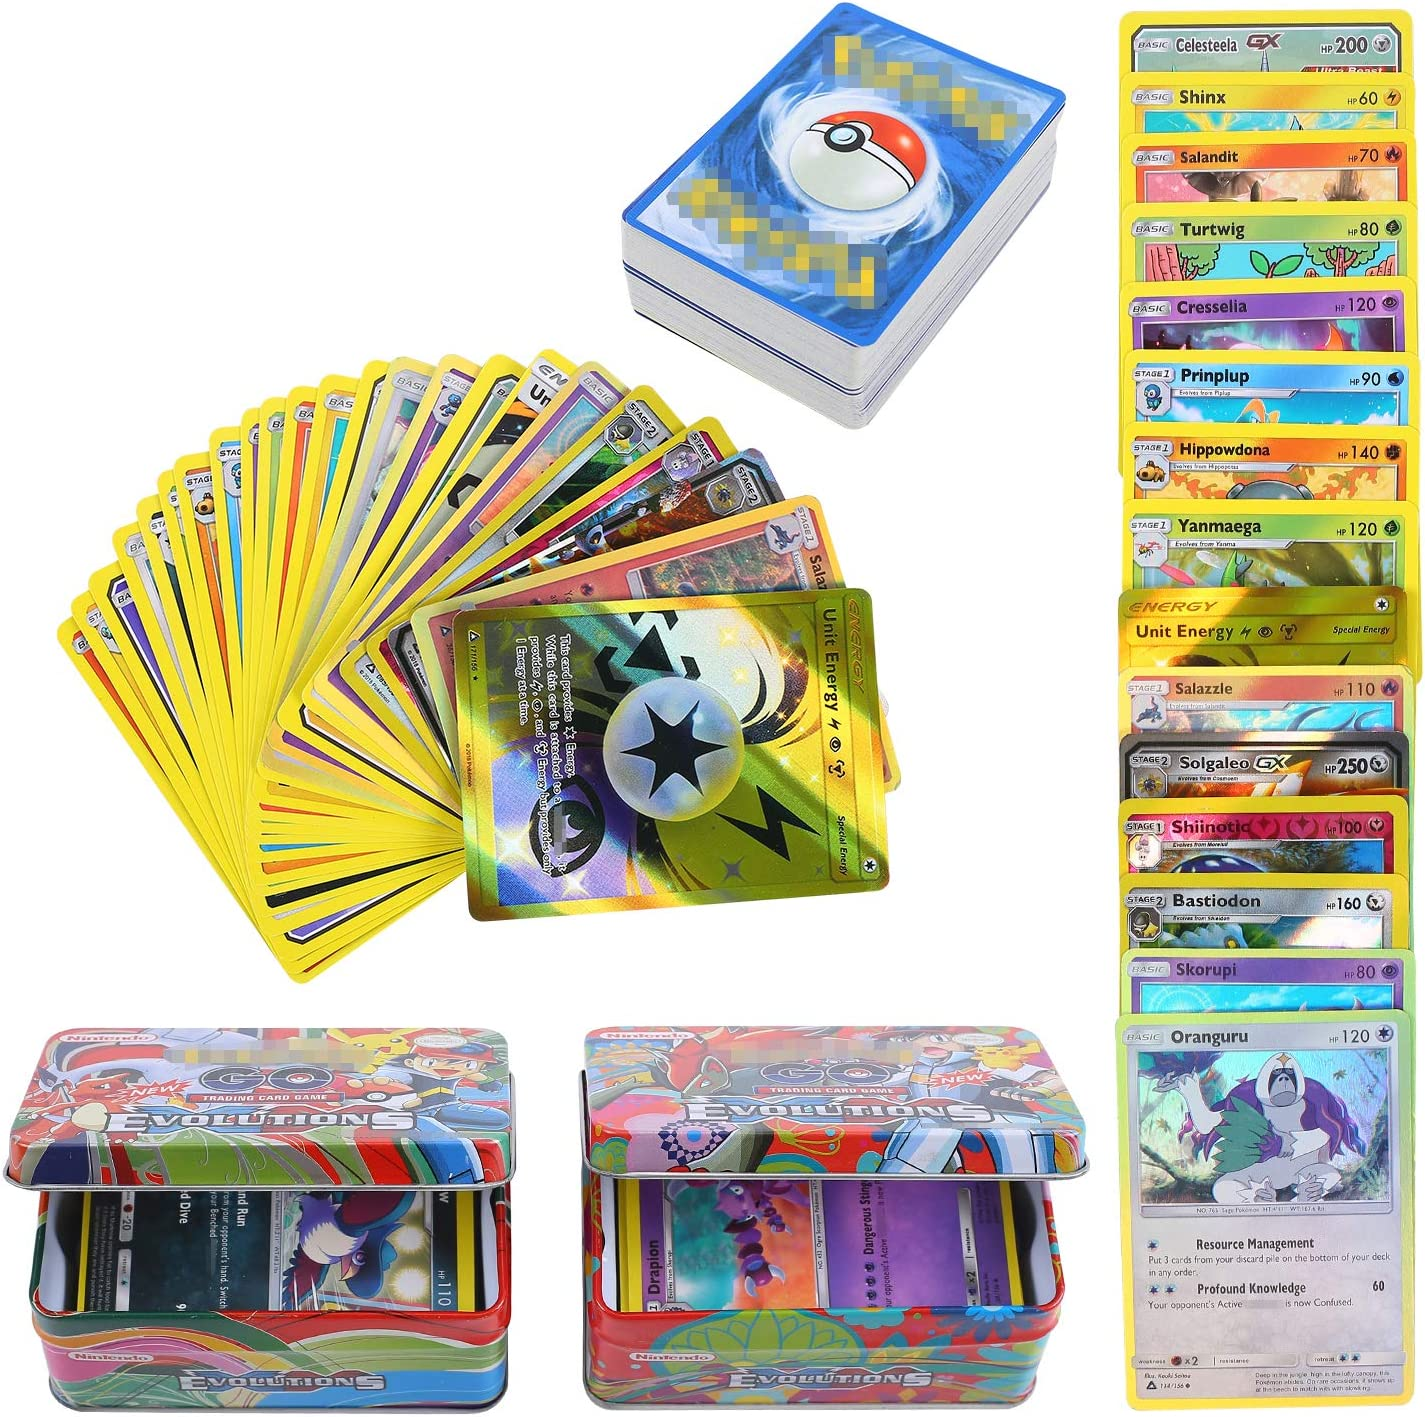 YNK 84 Piezas Pokemon Cartas Sun & Moon, Teamup, Tarjetas de Pokemon, Pokemon Trading Cards, Juego de Cartas, Cartas Coleccionables, GX, EX, Trainer Cartas (1)